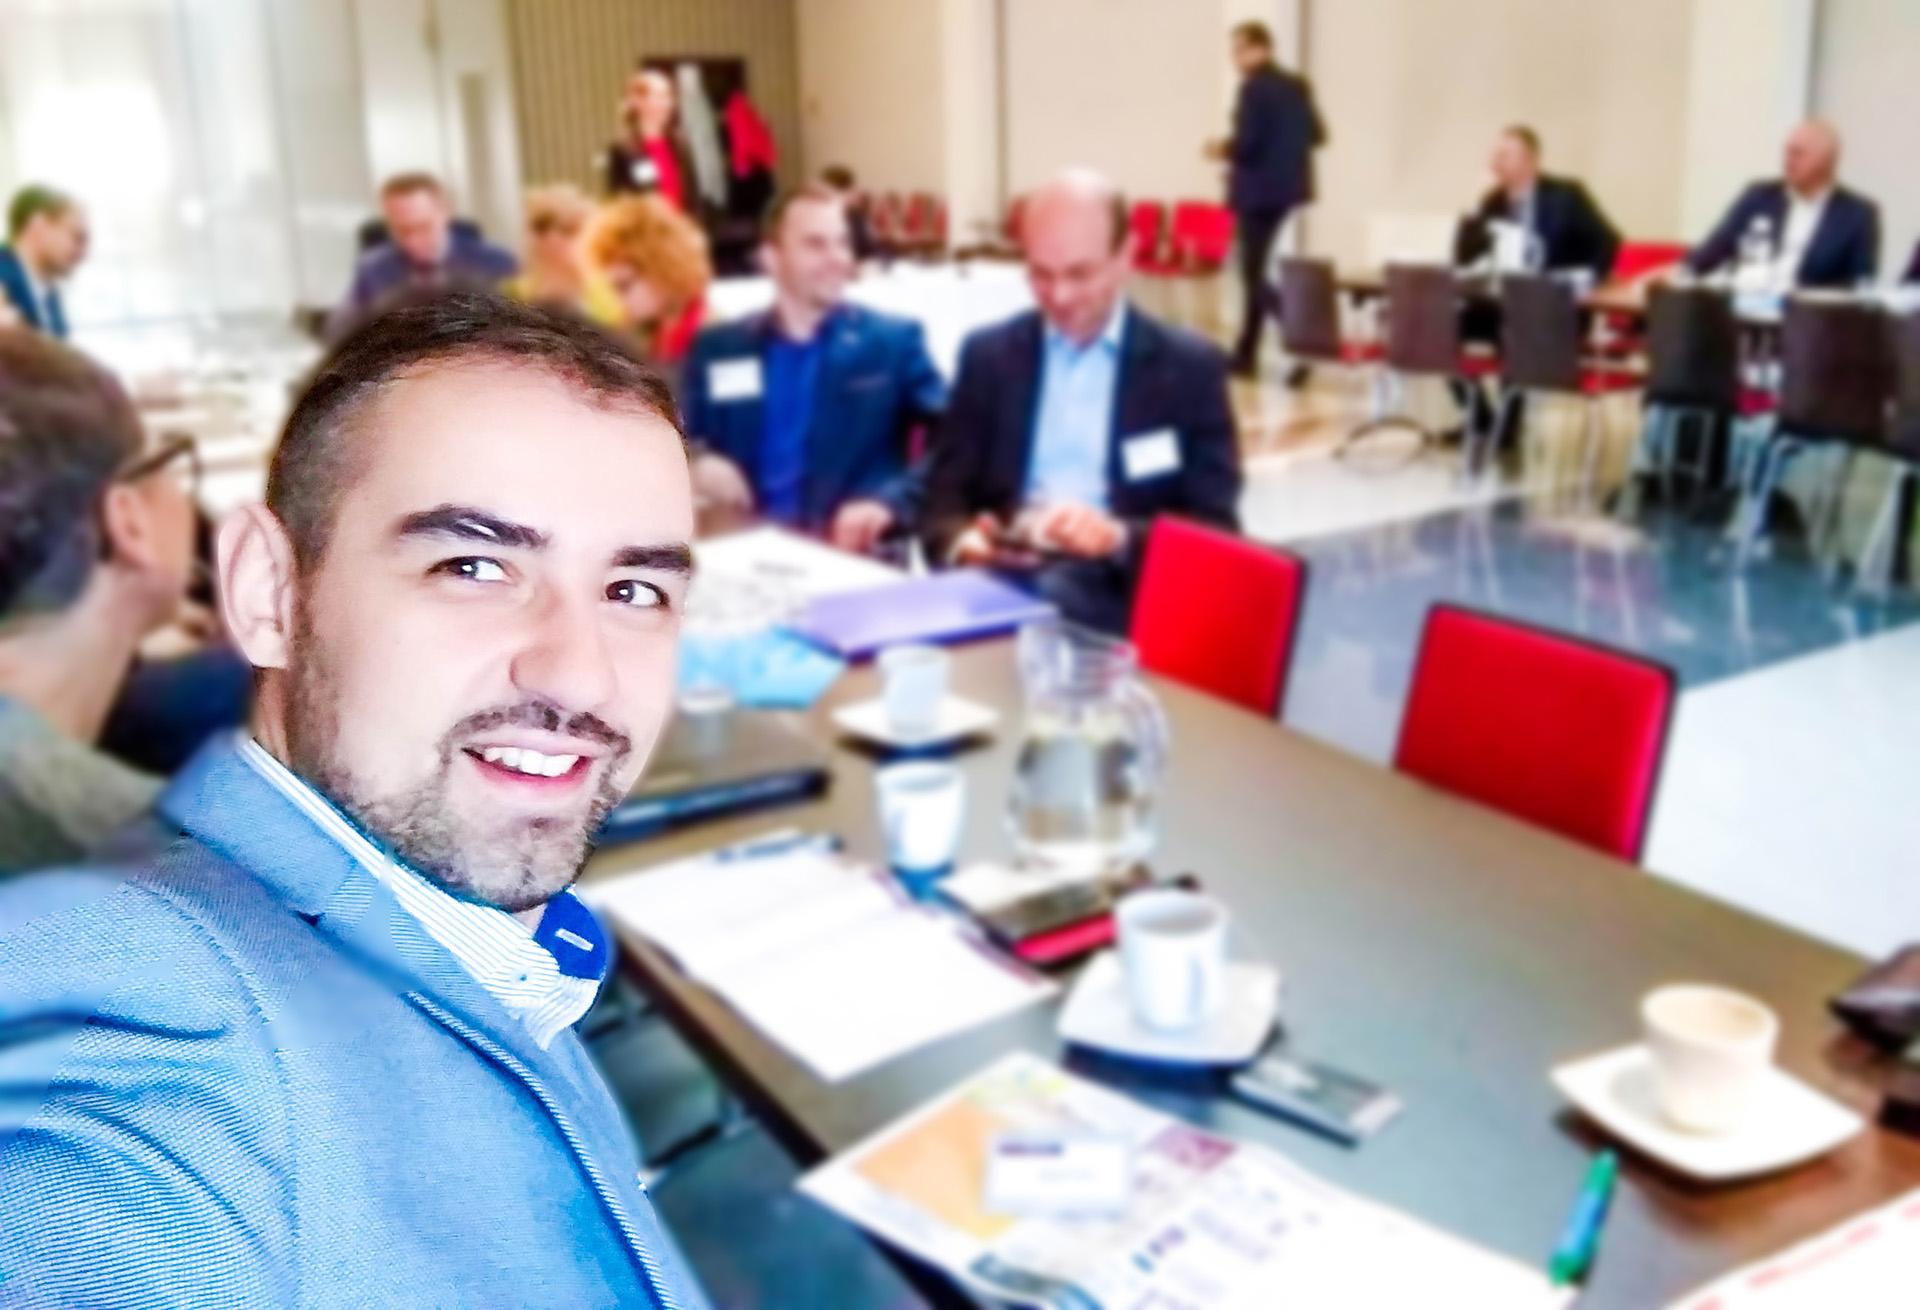 biznesowe spotkanie networkingowe